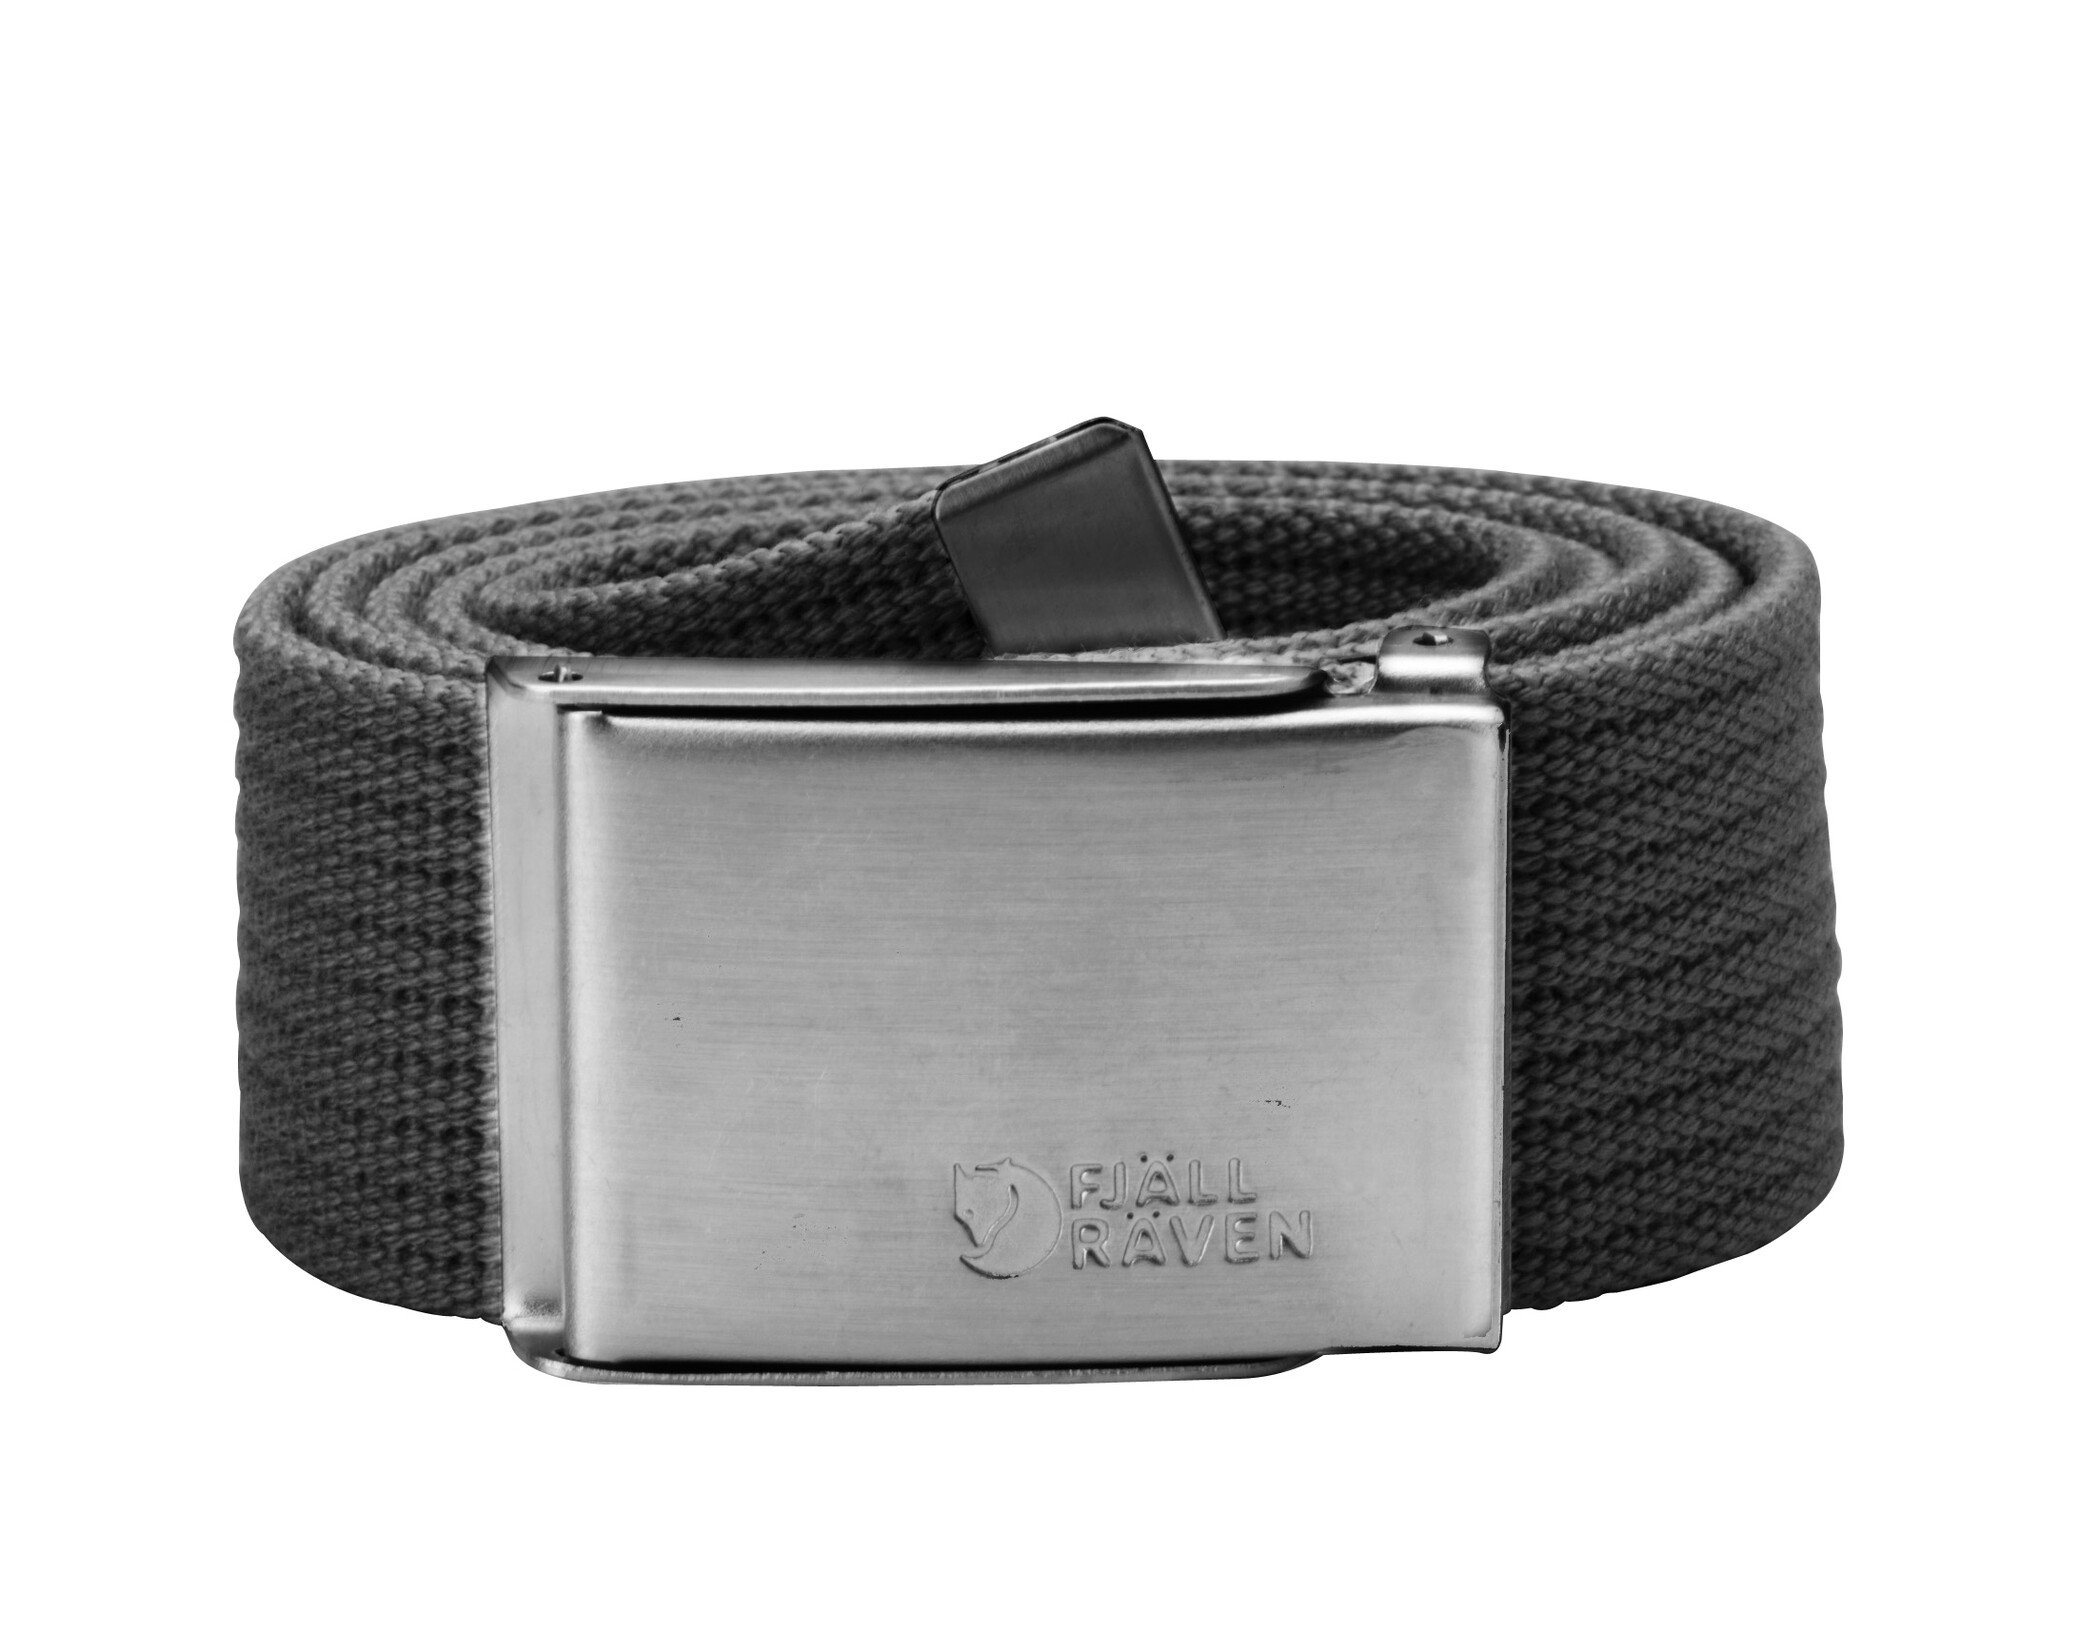 Fjällräven Canvas Belt dark grey Accessoires~outdoor~bekleidung~outdoorbekleidung~Outdoor gürtel